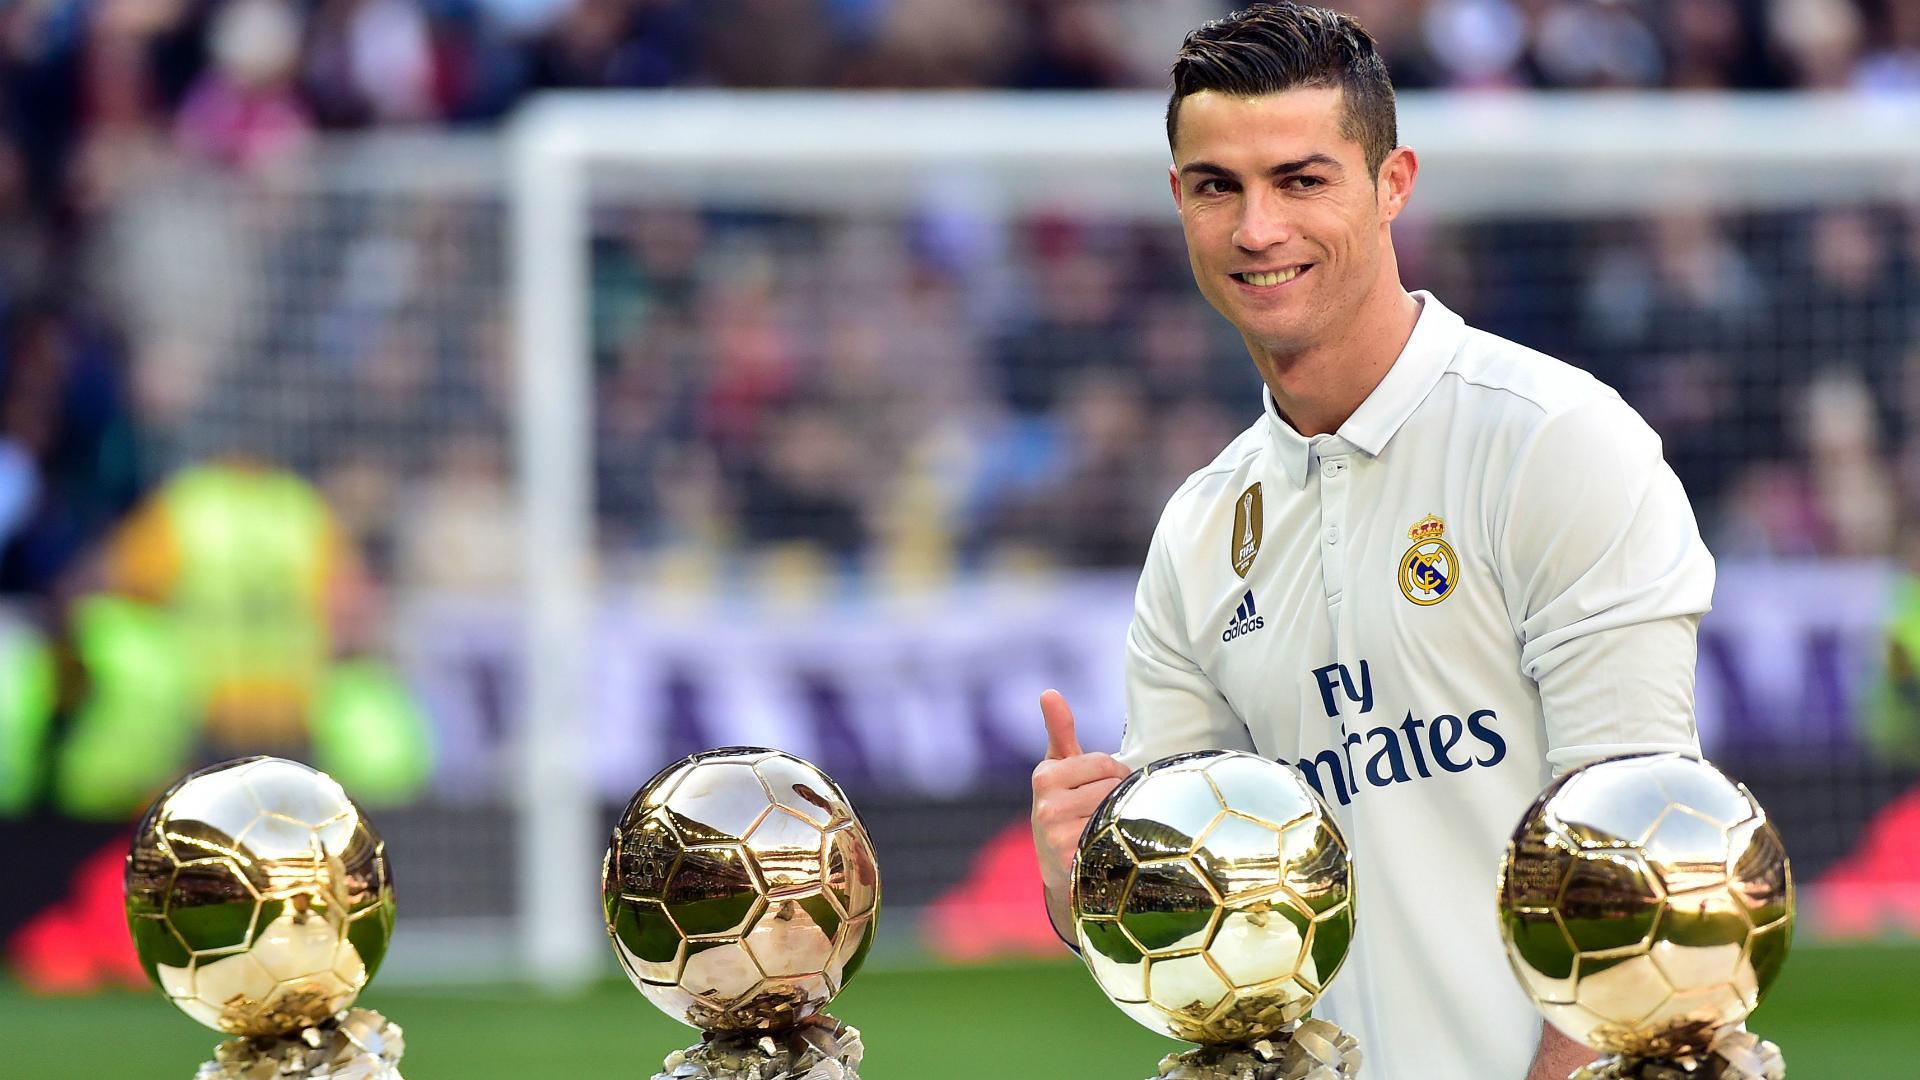 احتمال جدایی رونالدو از رئال مادرید قوت گرفت